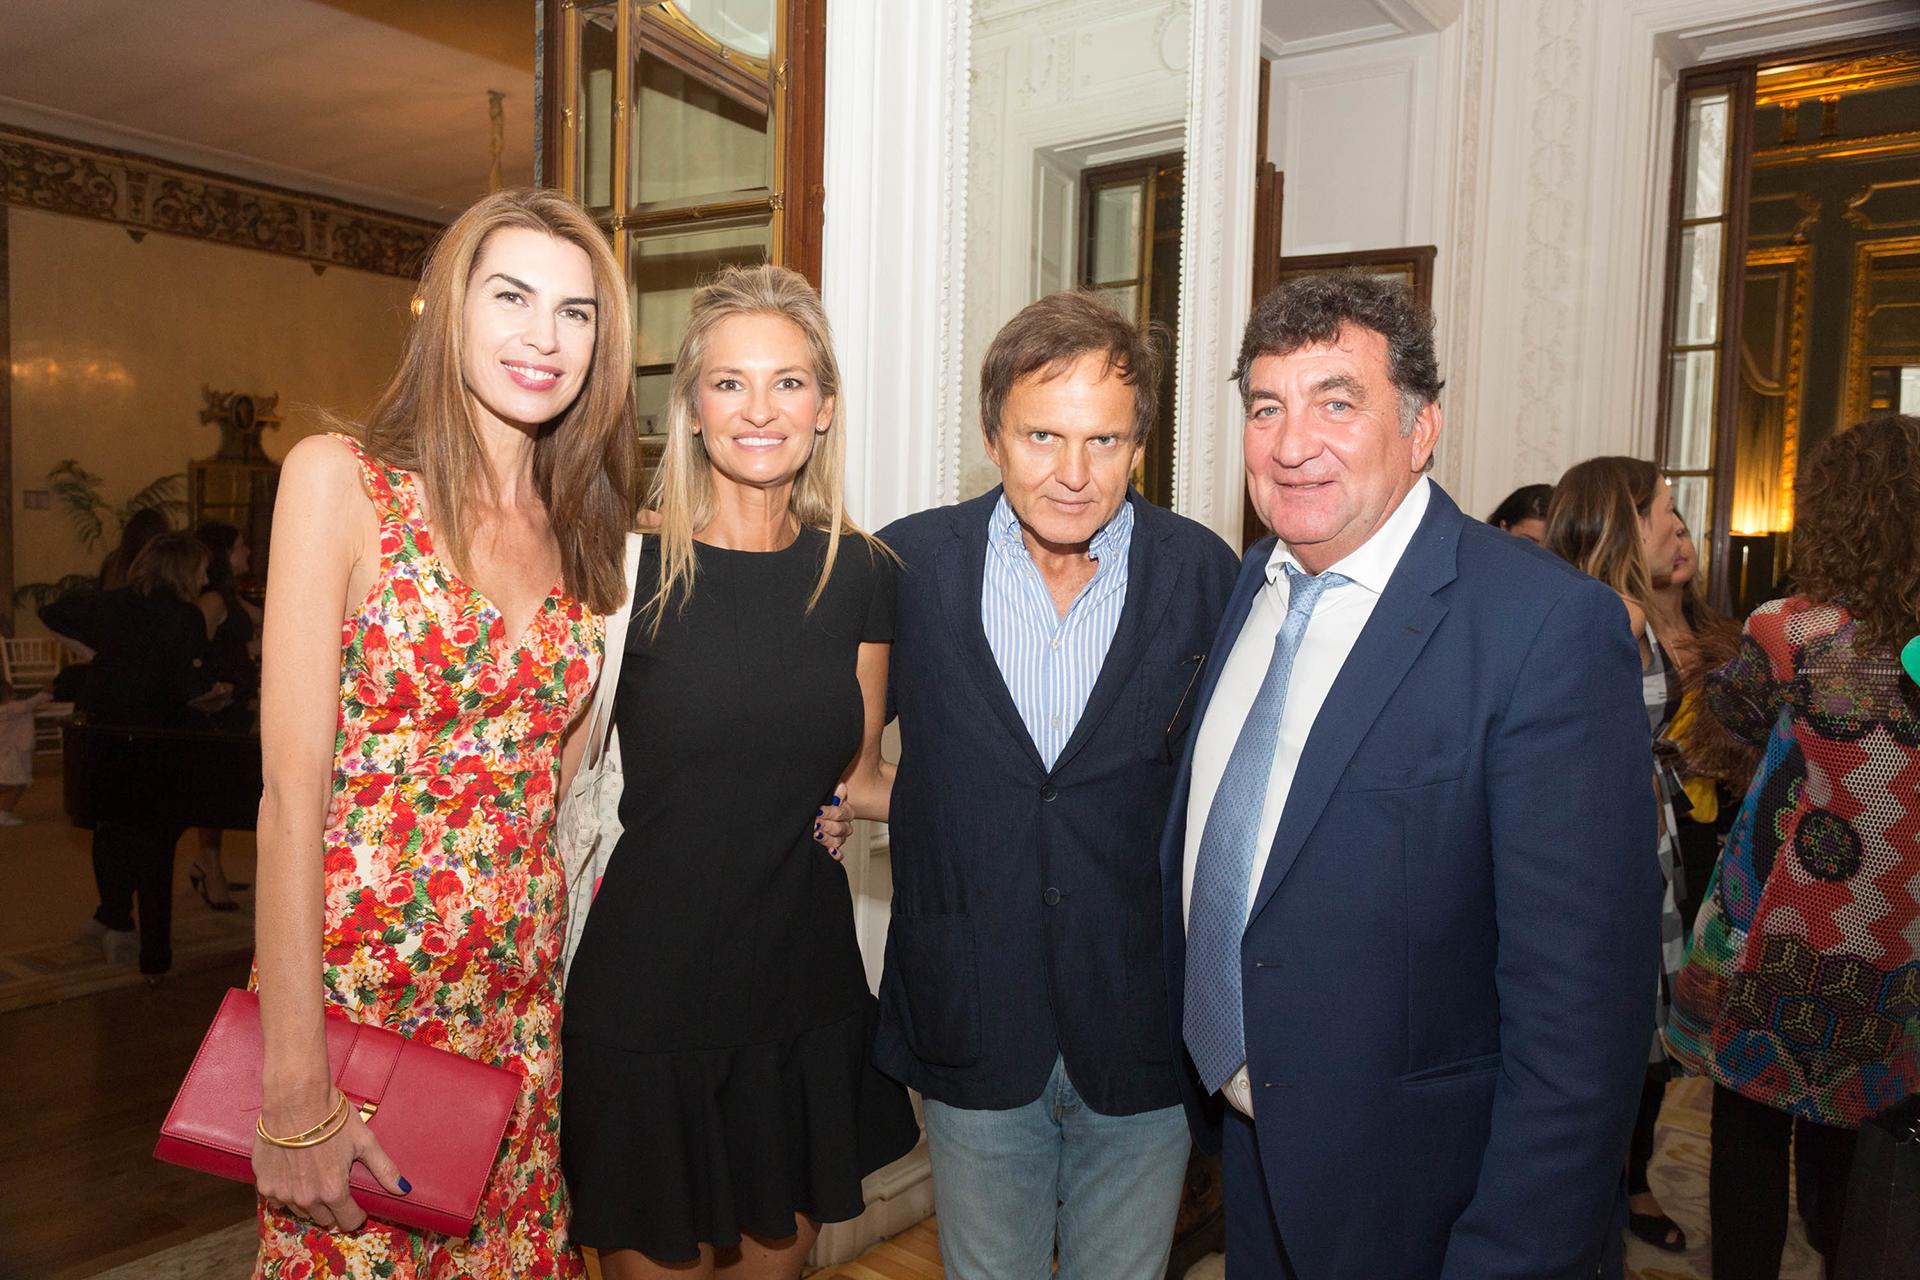 Solange Cubillo y Lily Sciorra con el empresario y productor Patricio Rabuffetti; y el empresario Gustavo Mascardi